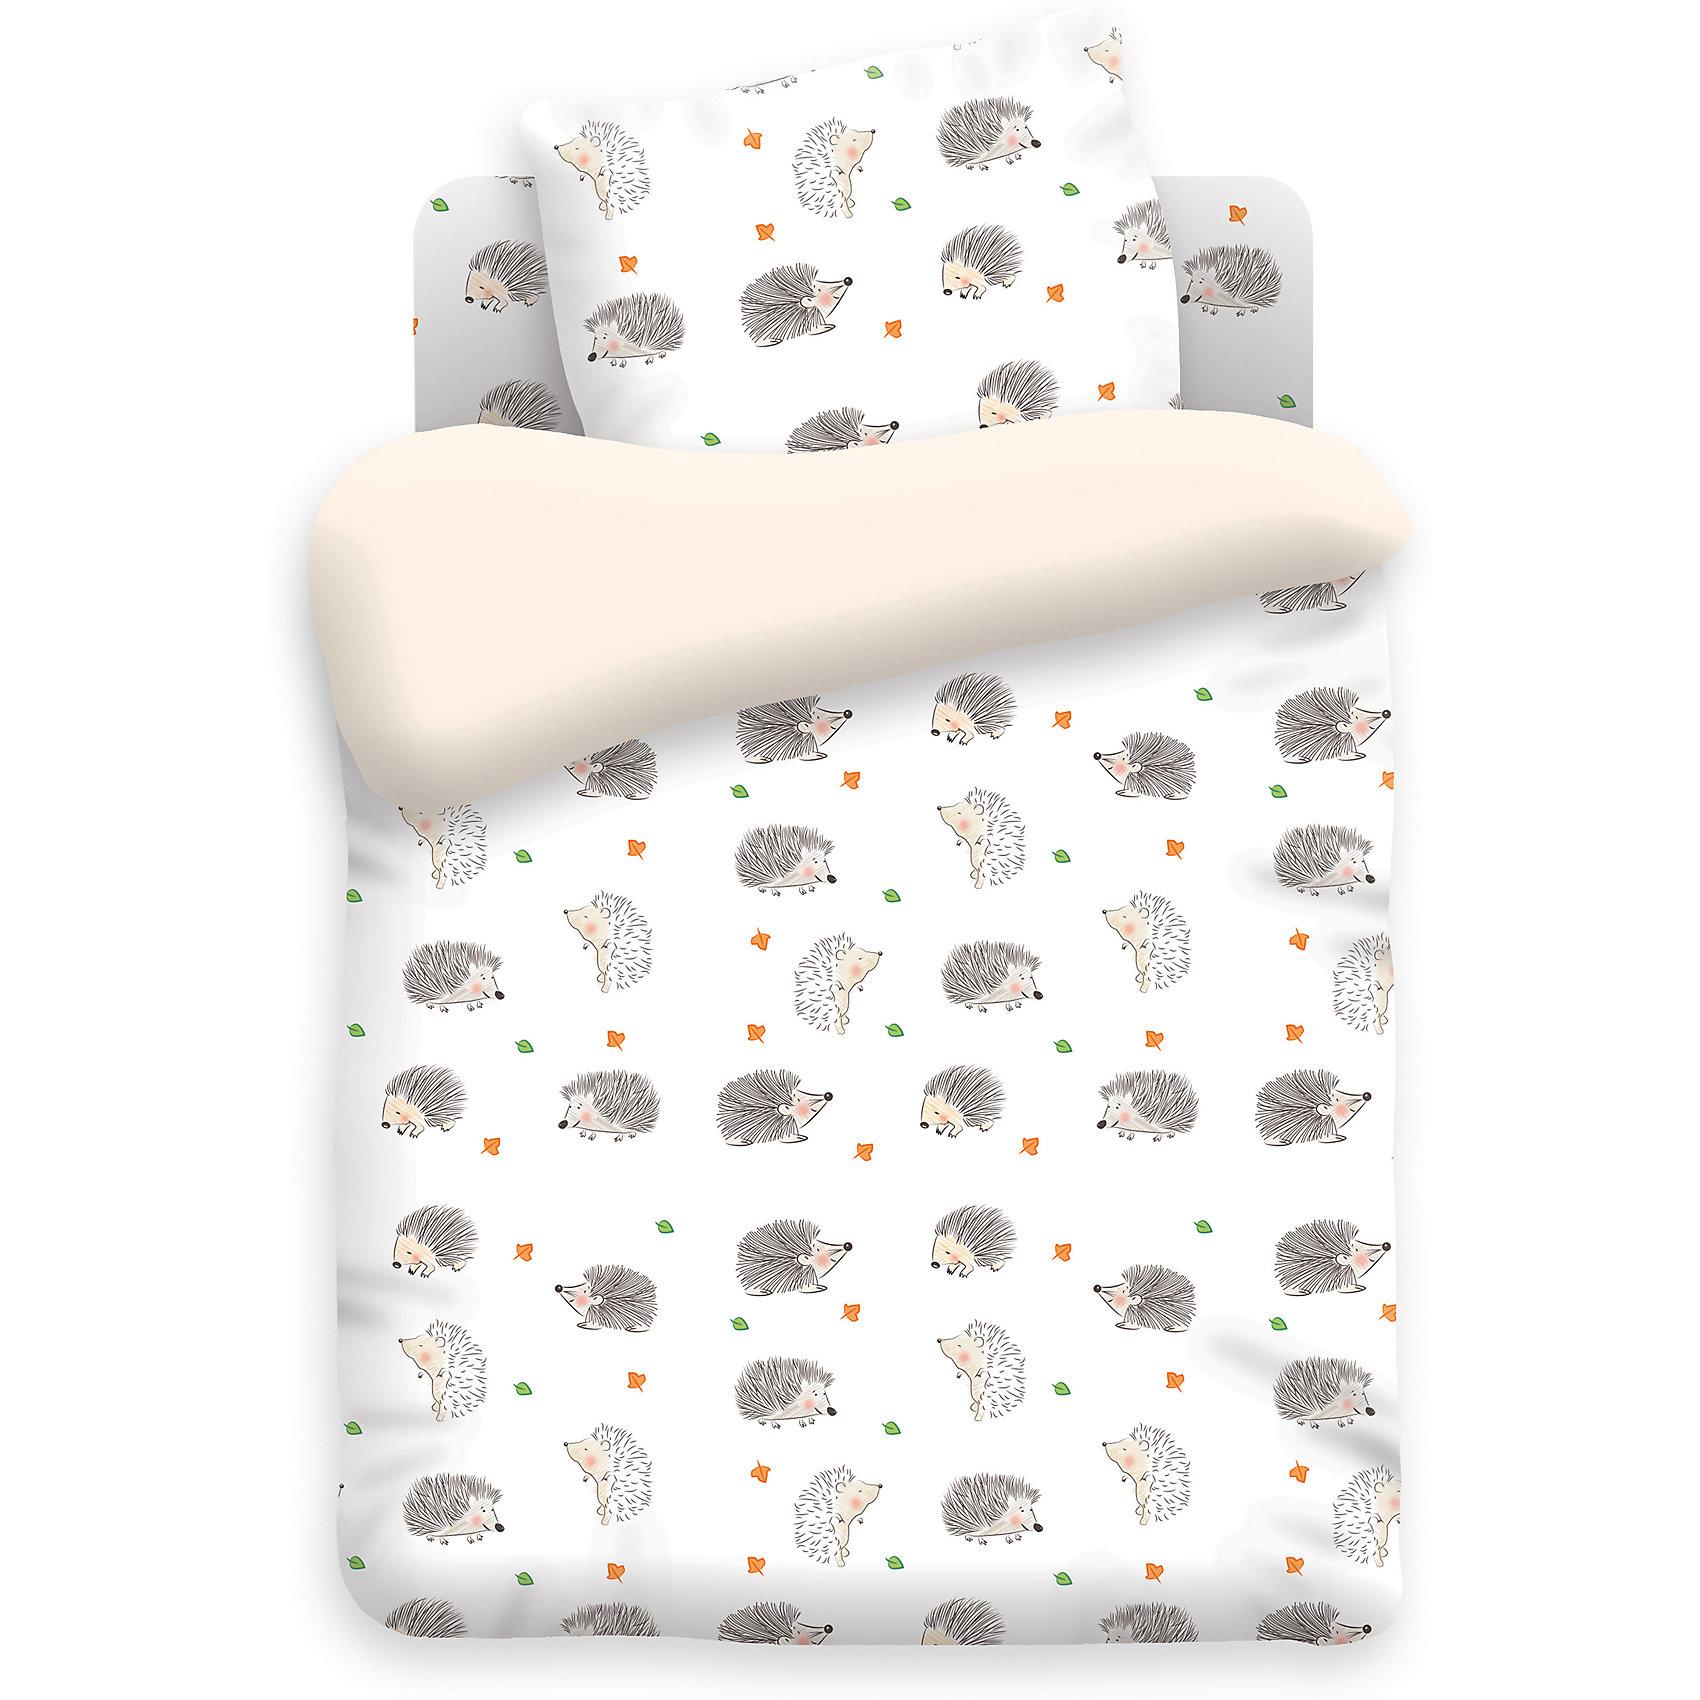 Комплект детского постельного белья на резинке Ёжики, бязь, НепоседаКомплект детского постельного белья на резинке Ёжики, бязь, Непоседа<br><br>Характеристики:<br><br>• прочное и износостойкое<br>• хорошо пропускает воздух<br>• удобная резинка<br>• в комплекте: простыня, наволочка, пододеяльник<br>• размер простыни: 150х110 см<br>• размер наволочки: 40х60 см<br>• размер пододеяльника: 112х147 см<br>• материал: бязь (100% хлопок)<br>• плотность: 98 г/м2<br>• размер упаковки: 5х20х30 см<br>• вес: 800 грамм<br><br>Постельное бельё Ёжики обеспечит вашему ребенку комфортный и приятный сон. Белье выполнено из хлопковой бязи, препятствующей появлению раздражения на коже ребенка. Белье приятное и мягкое на ощупь. А родителей порадует его прочность и износостойкость. Рисунок сохраняет свою яркость после множества стирок. Комплект украшен изображением забавных ёжиков, которых малыш с удовольствием рассмотрит перед сном.<br><br>Комплект детского постельного белья на резинке Ёжики, бязь, Непоседа вы можете купить в нашем интернет-магазине.<br><br>Ширина мм: 300<br>Глубина мм: 200<br>Высота мм: 50<br>Вес г: 800<br>Возраст от месяцев: 36<br>Возраст до месяцев: 216<br>Пол: Унисекс<br>Возраст: Детский<br>SKU: 5430860